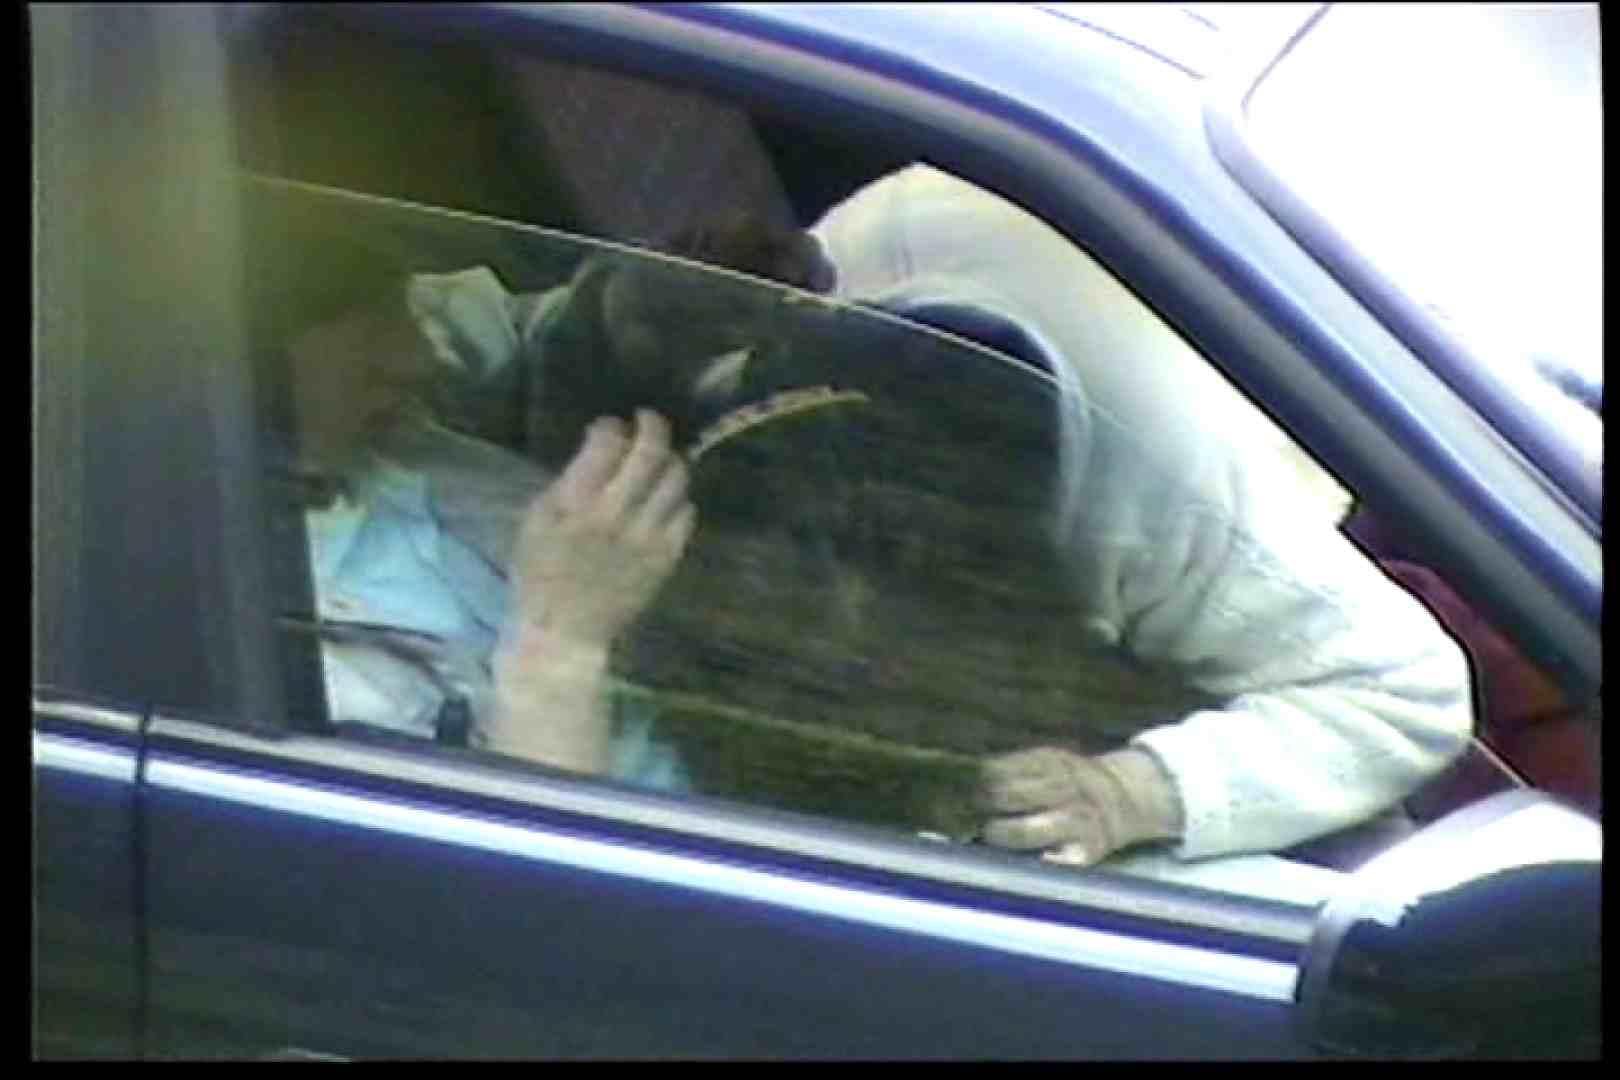 車の中はラブホテル 無修正版  Vol.12 美女OL われめAV動画紹介 109連発 42